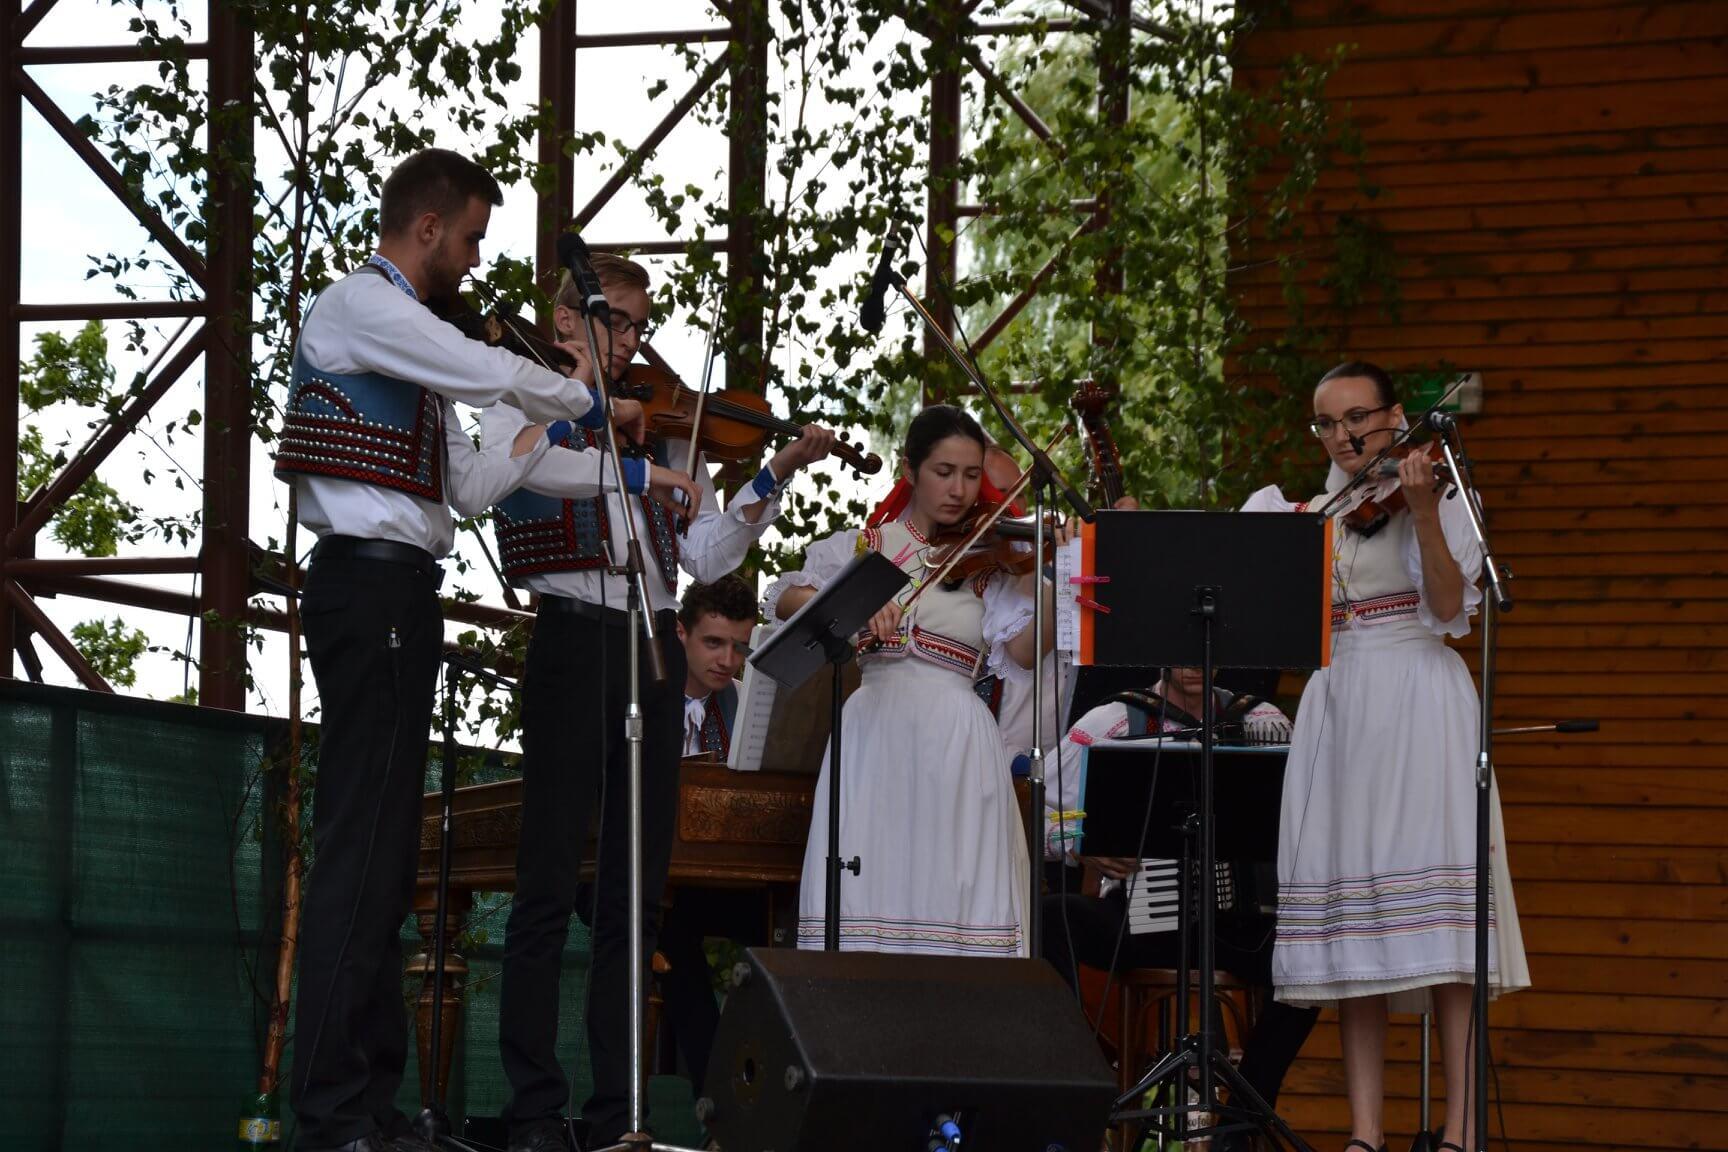 Kapušianske folklórne dni - Kapušany 2018